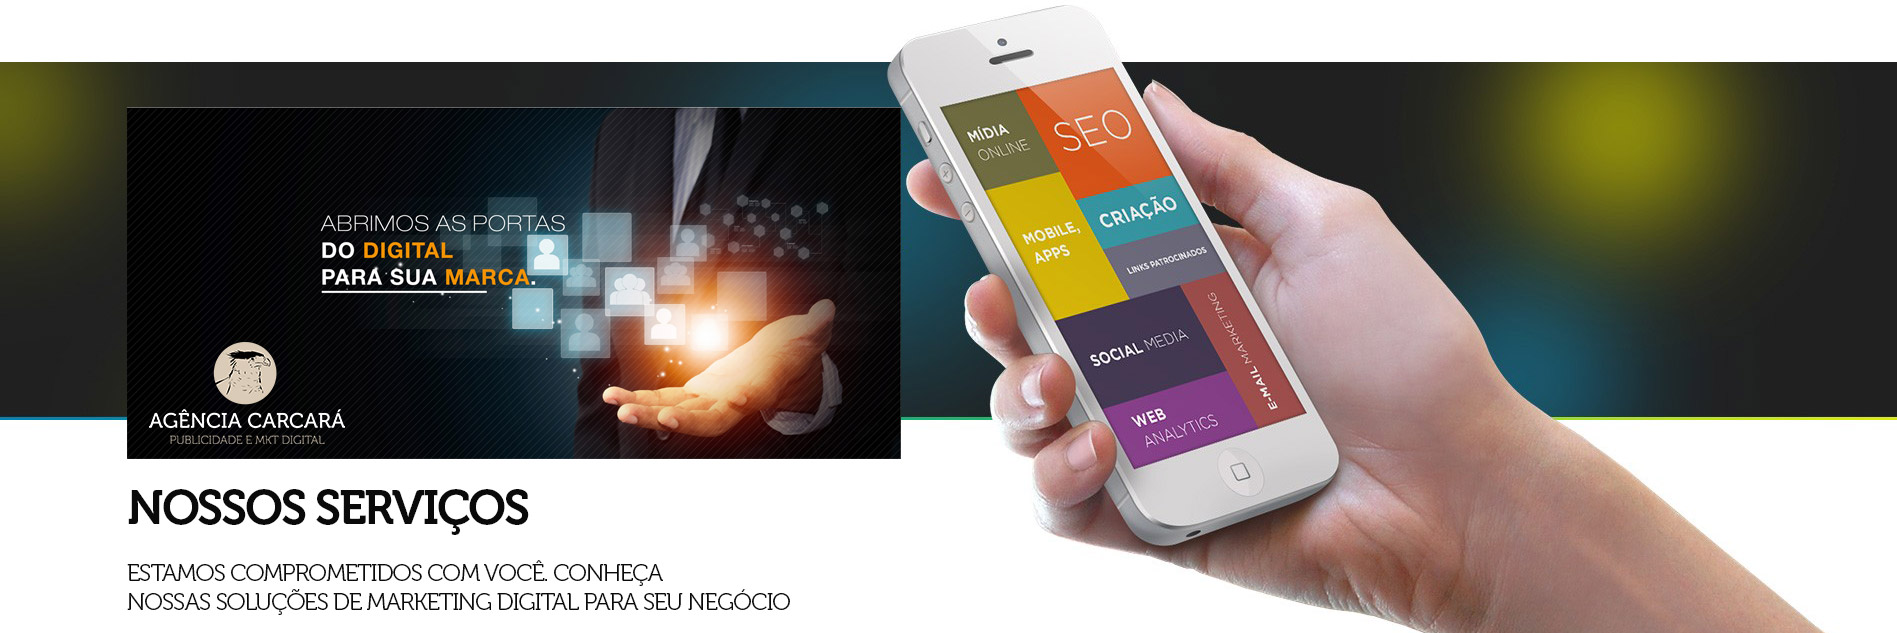 Agência de Marketing Digital em Brasília Conheça nossos serviços de MKT Digital da Agência Carcará de Comunicação e Publicidade